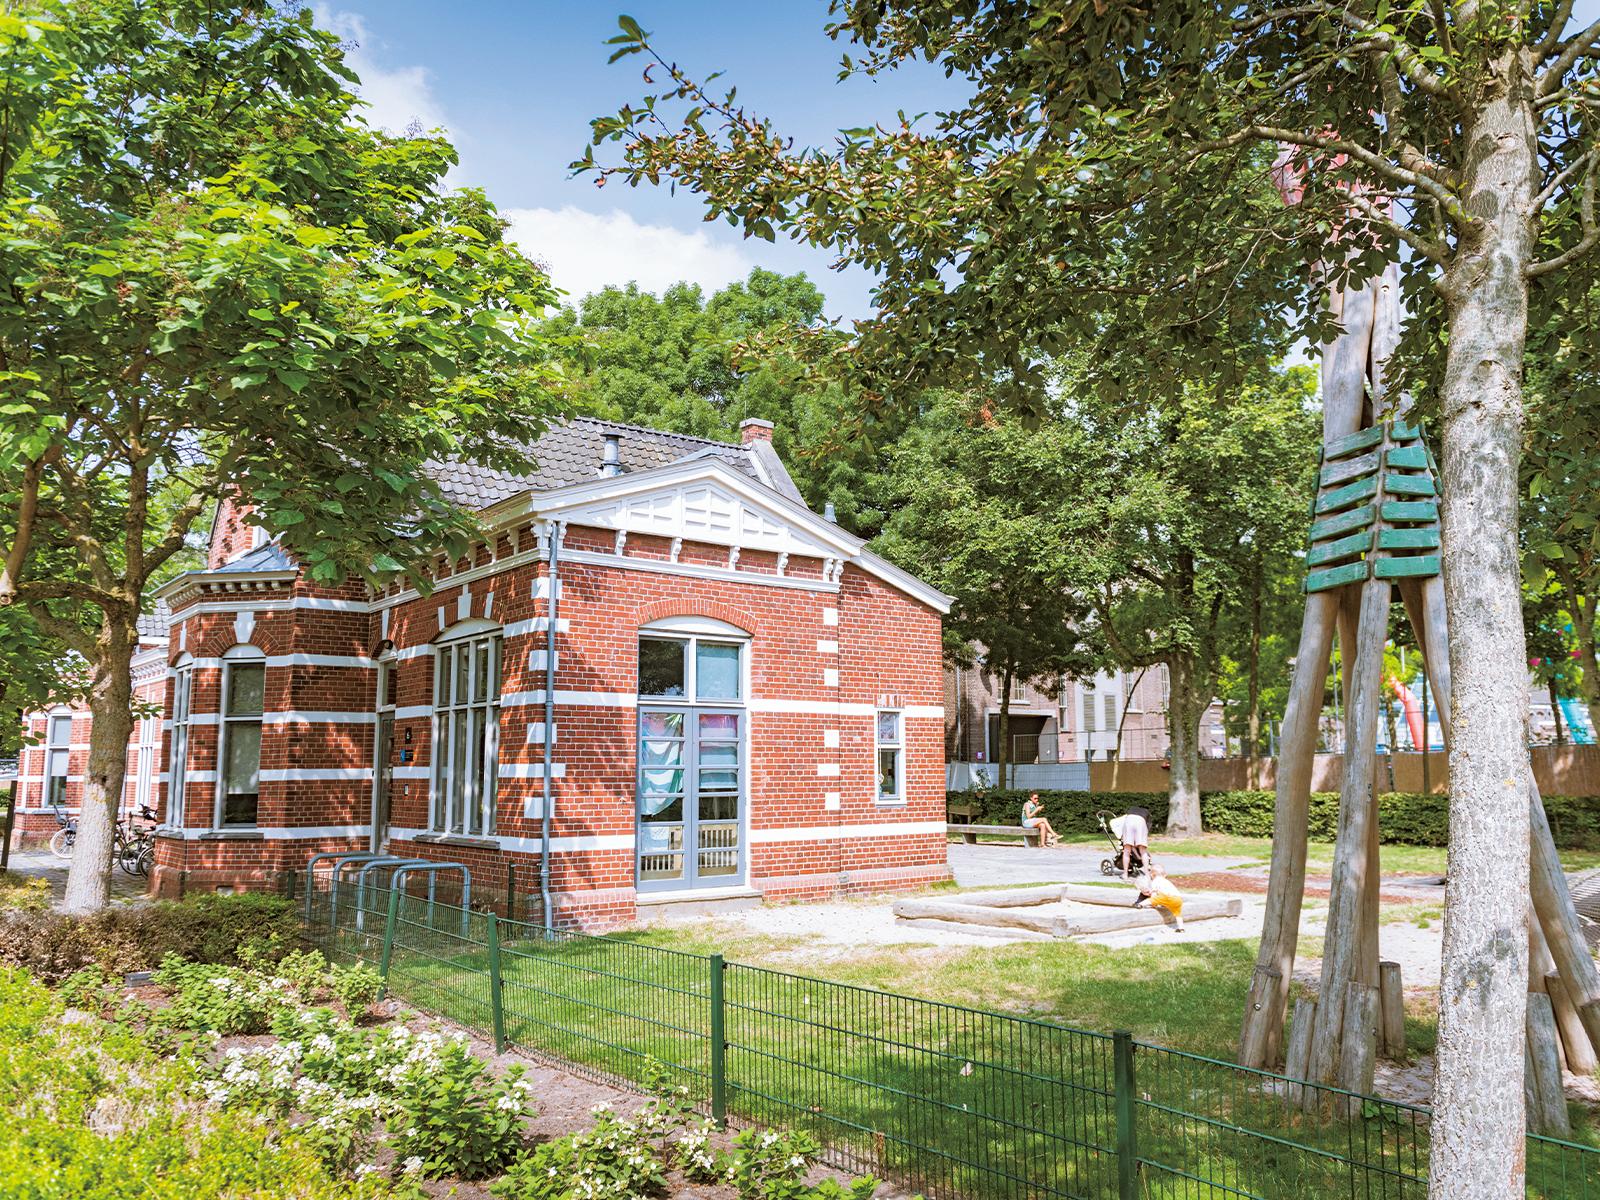 桑原さんもよく利用する託児所脇の公園。広いスペースには遊具も充実する。